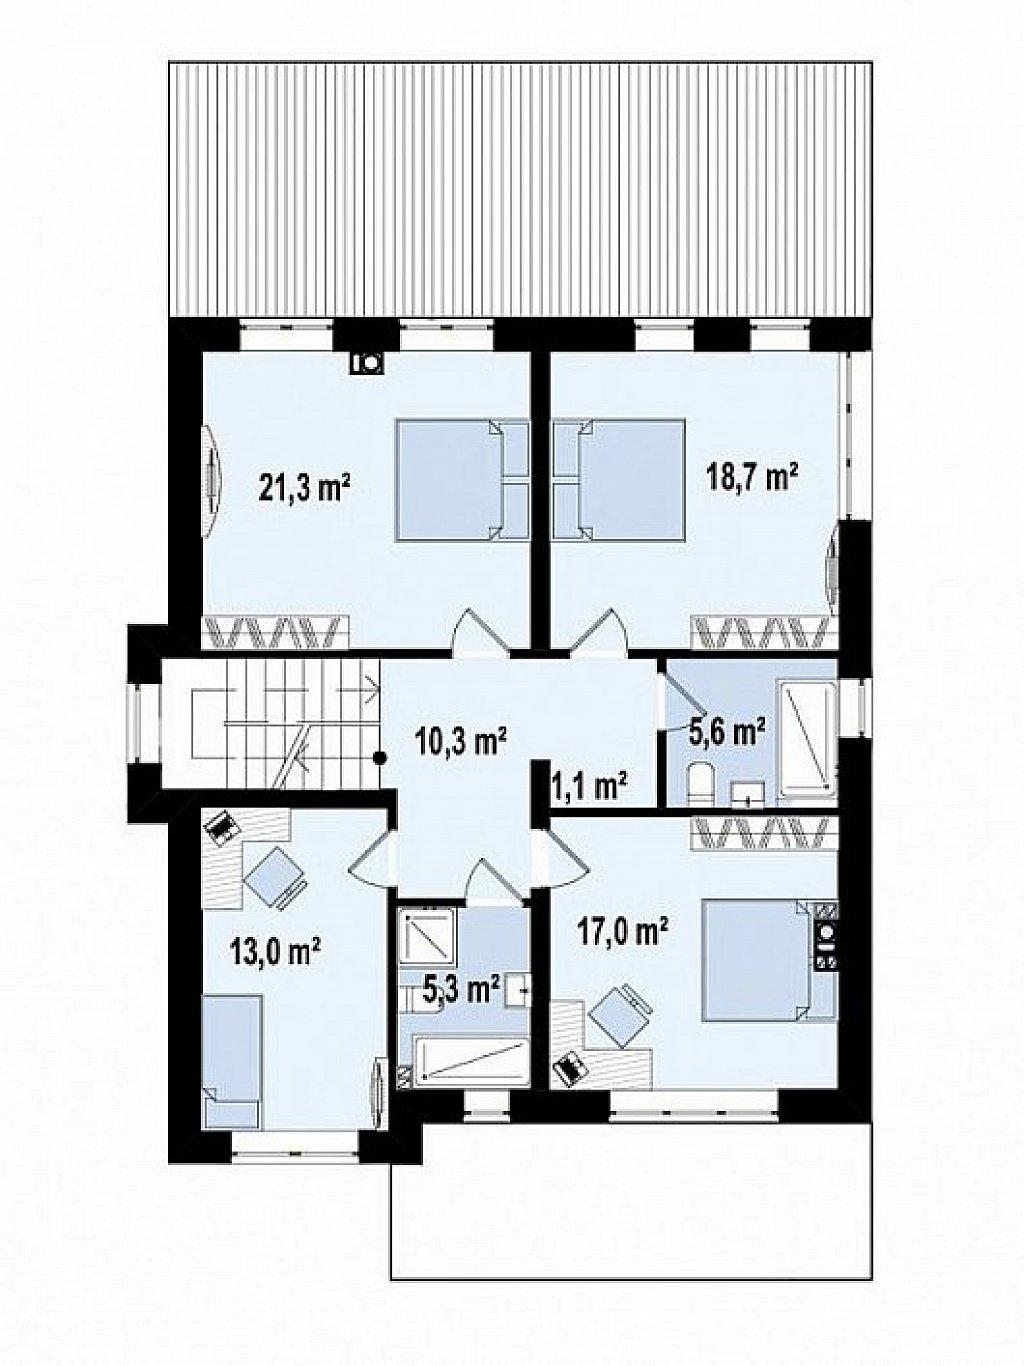 вариант двухэтажного дома Zz2 L BG в классическом стиле с плитами перекрытия план помещений 2